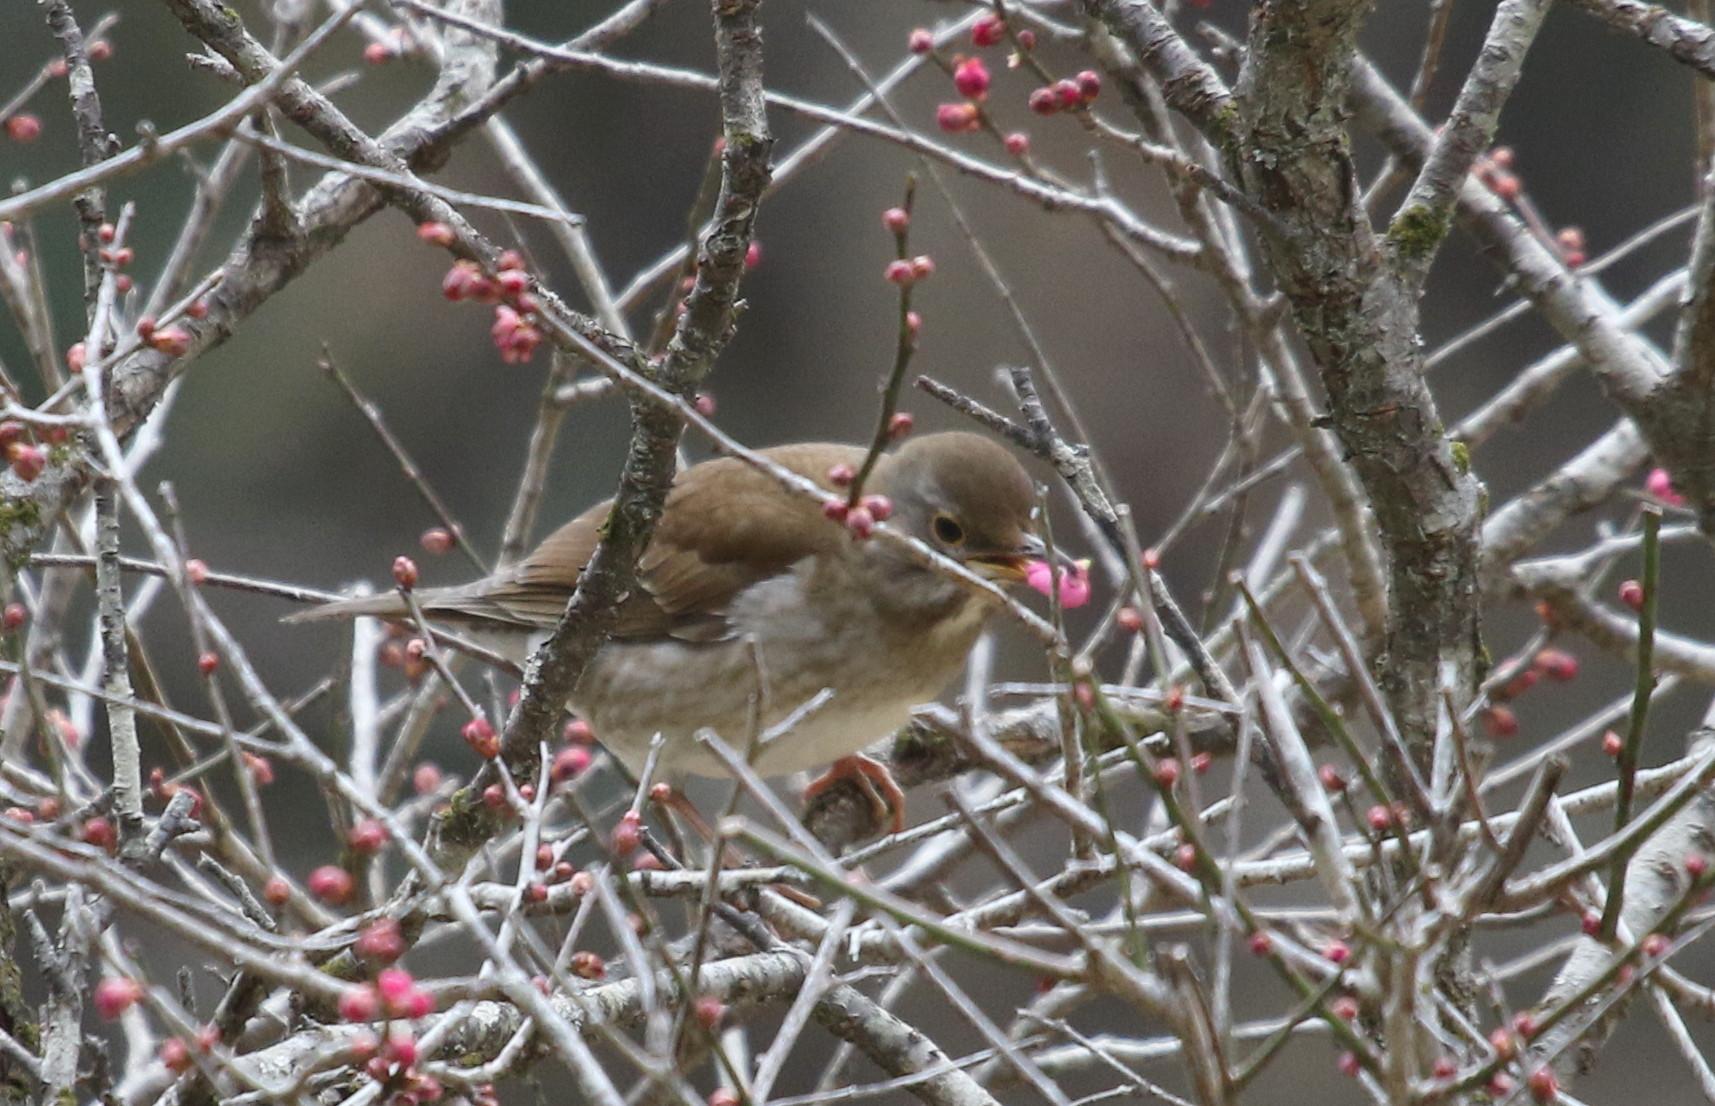 里山での探鳥で出会えた鳥たち(キセキレイ&ミソサザイ)_f0239515_16273824.jpg